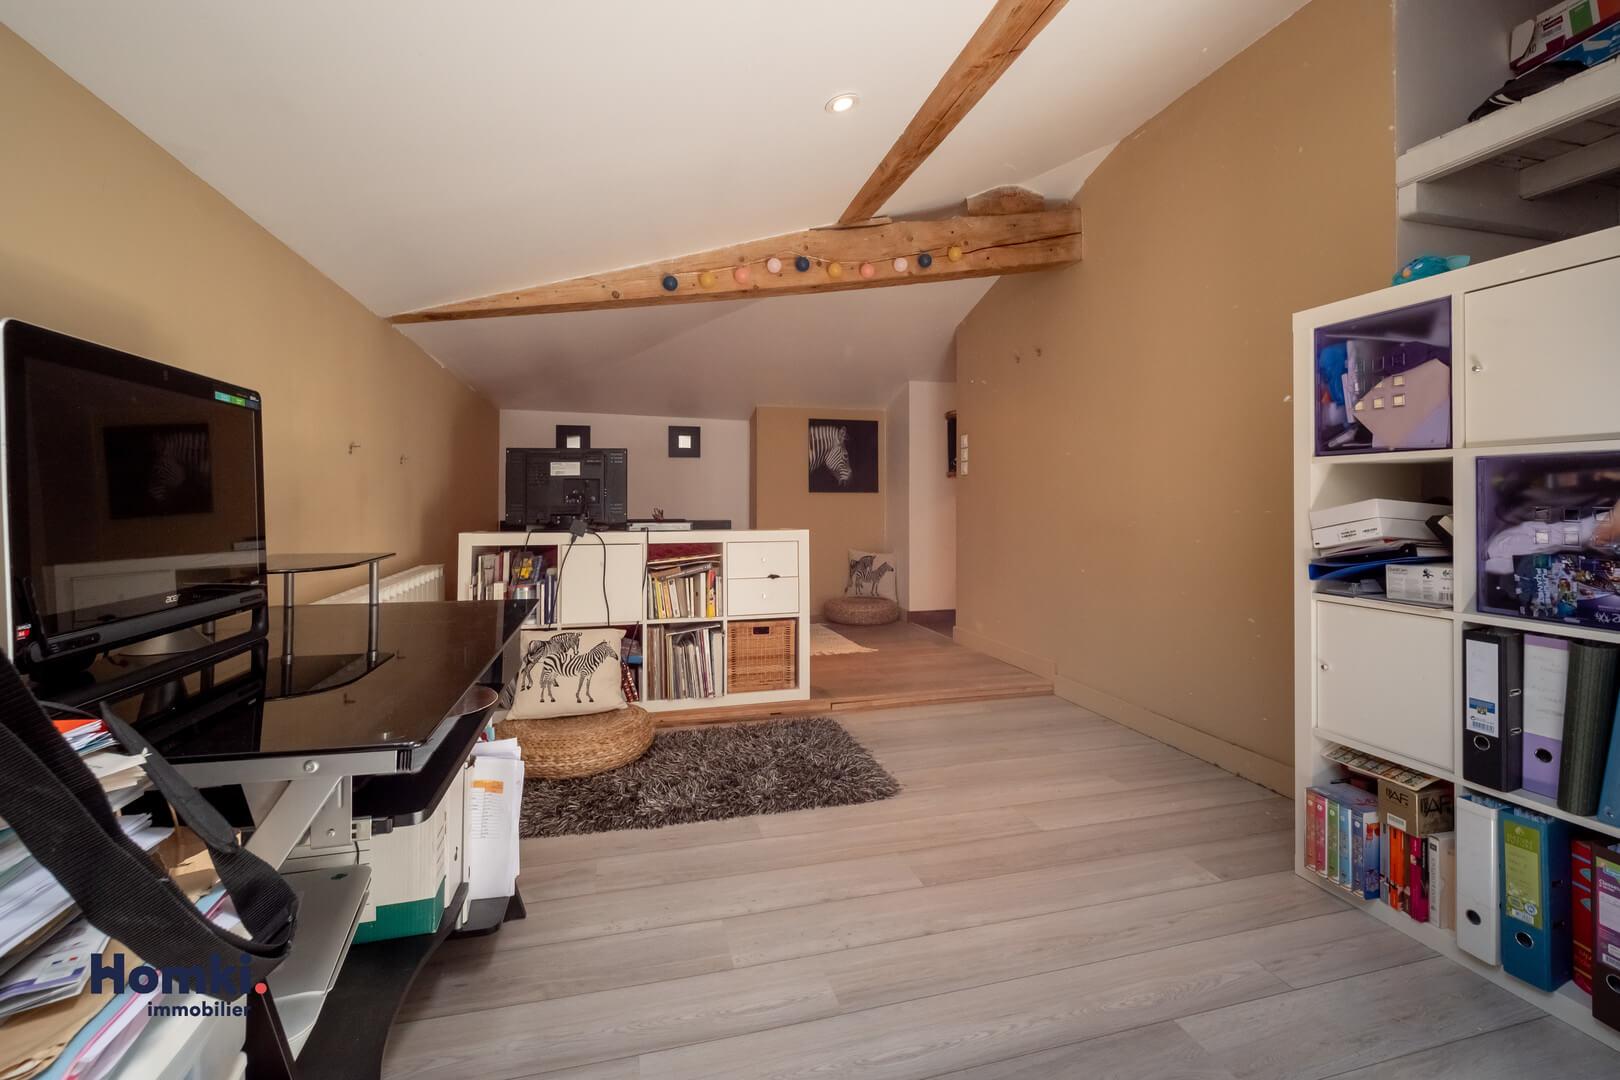 Homki - Vente appartement  de 91.0 m² à st germain au mont d or 69650